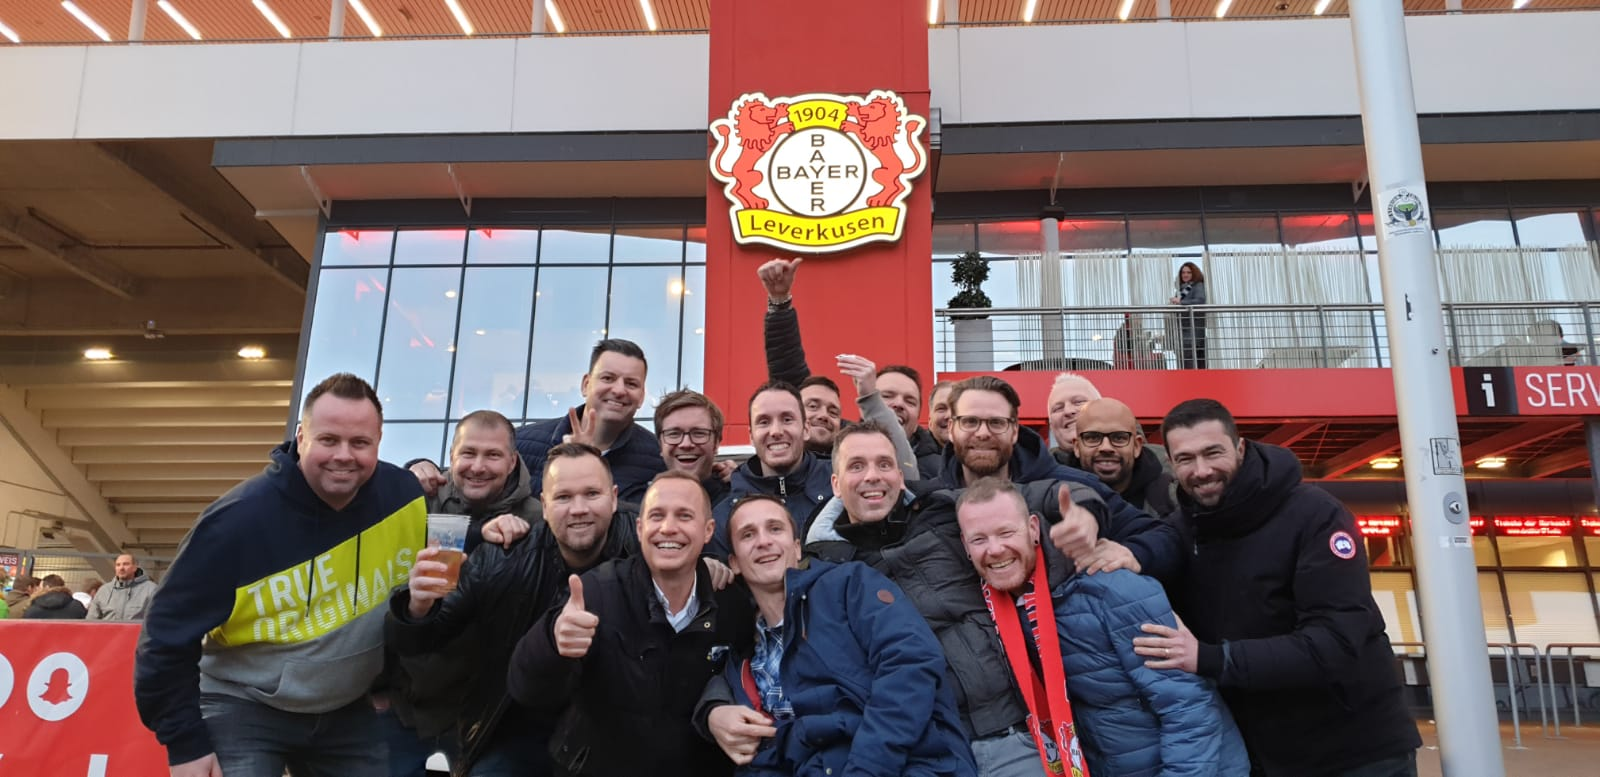 Alex-Rondhuis-Bayer-Leverkusen